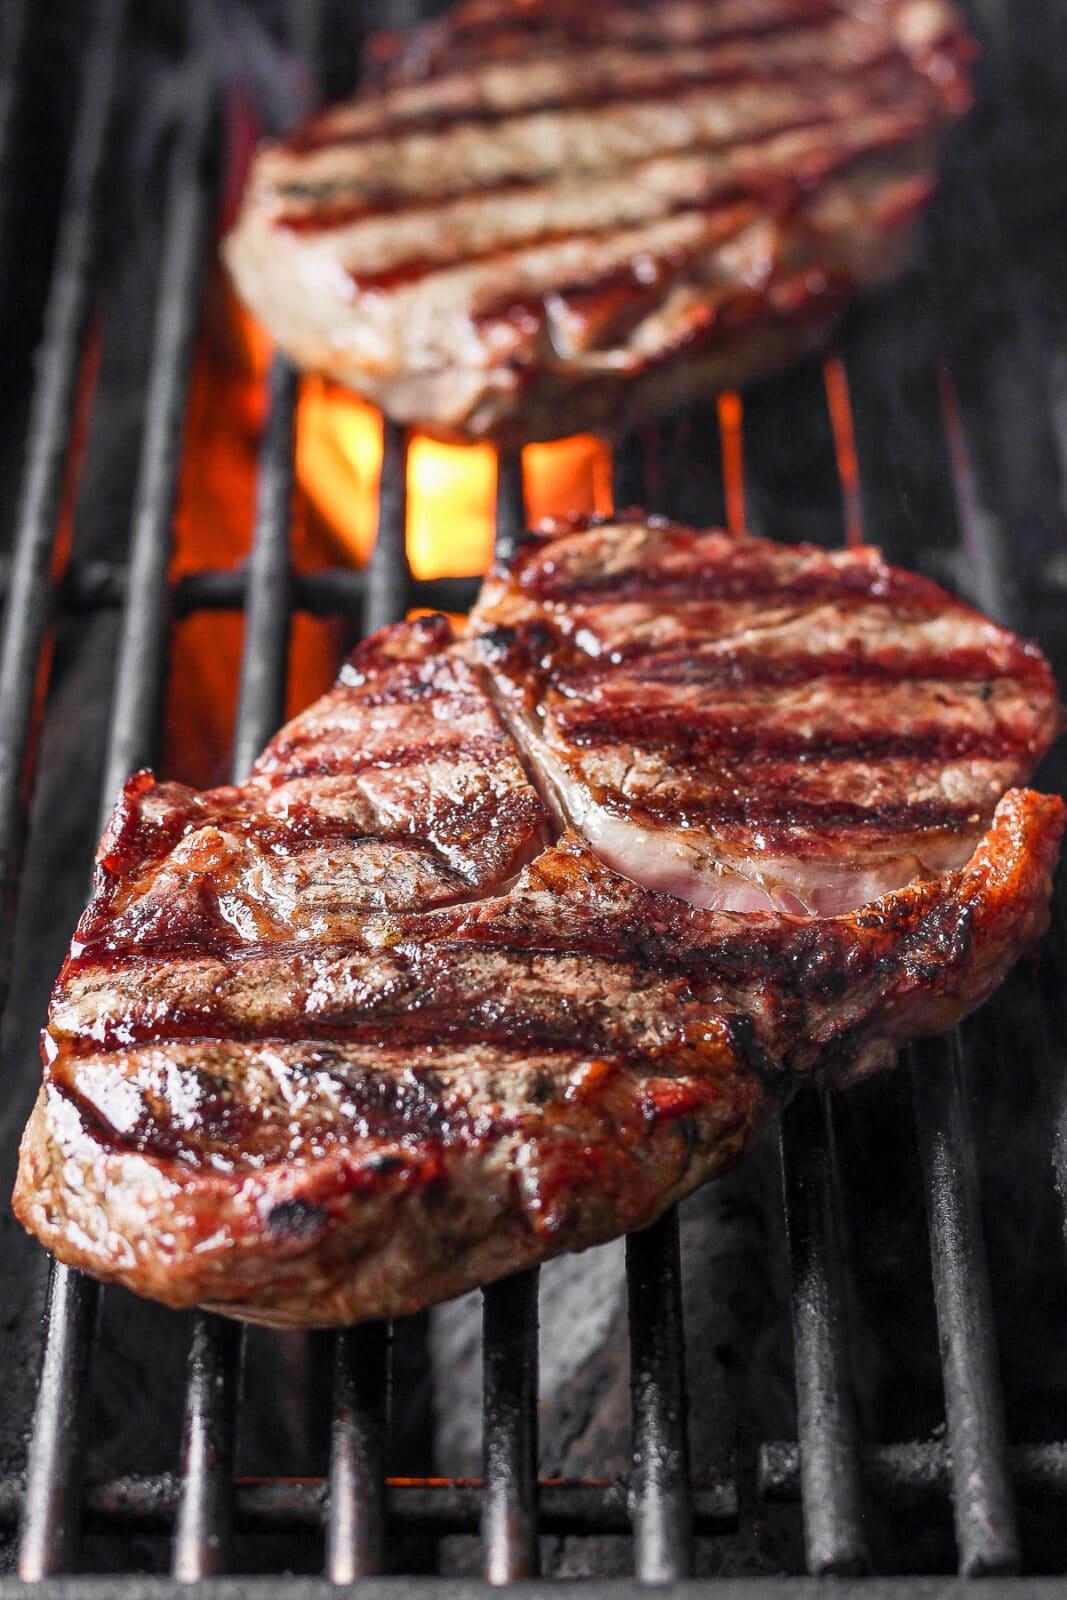 A ribeye steak on a grill.